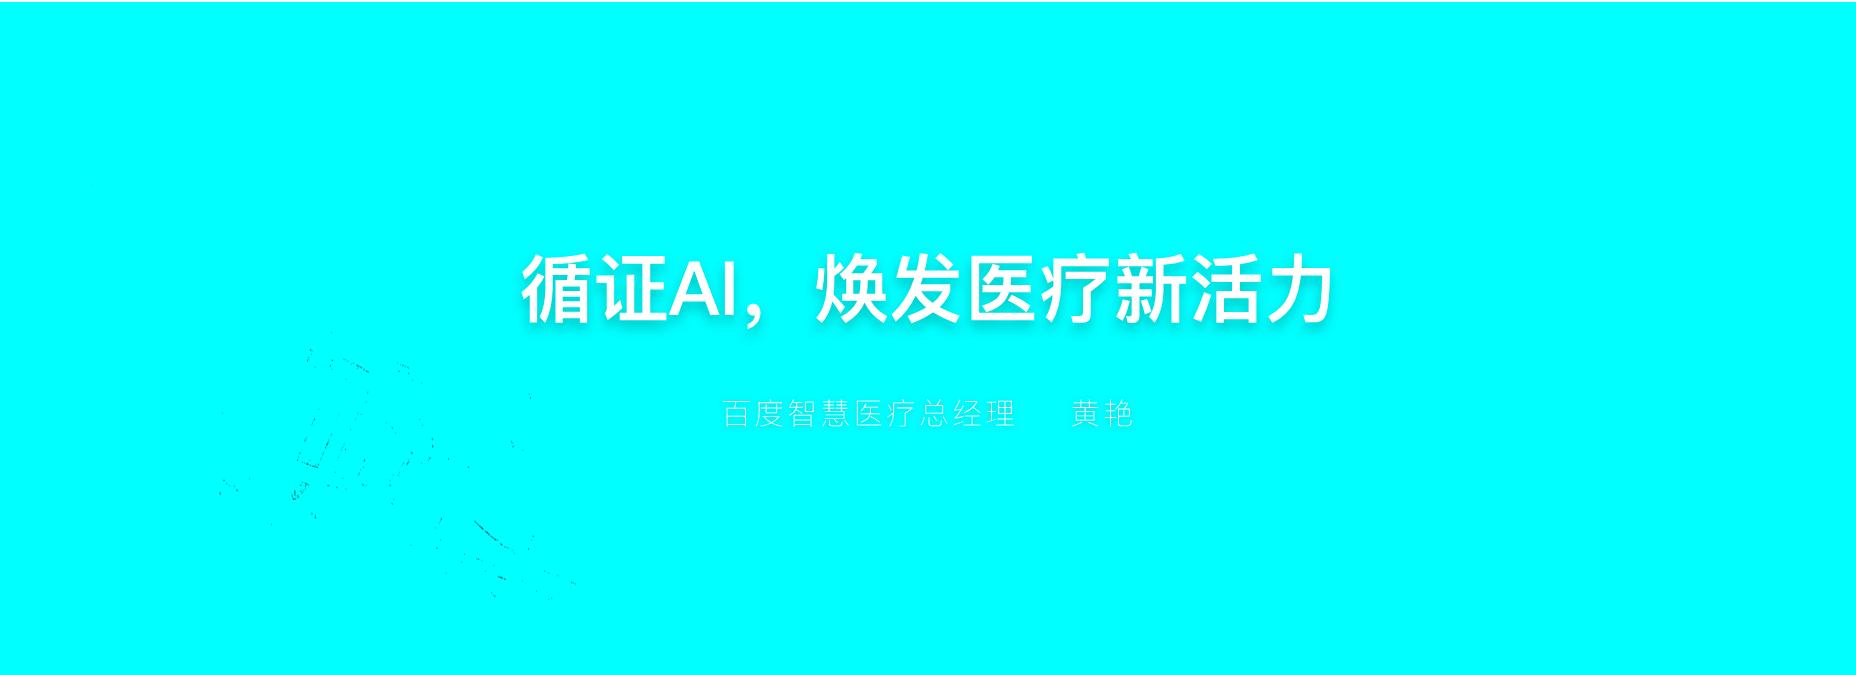 黄艳-循证AI焕发医疗新活?